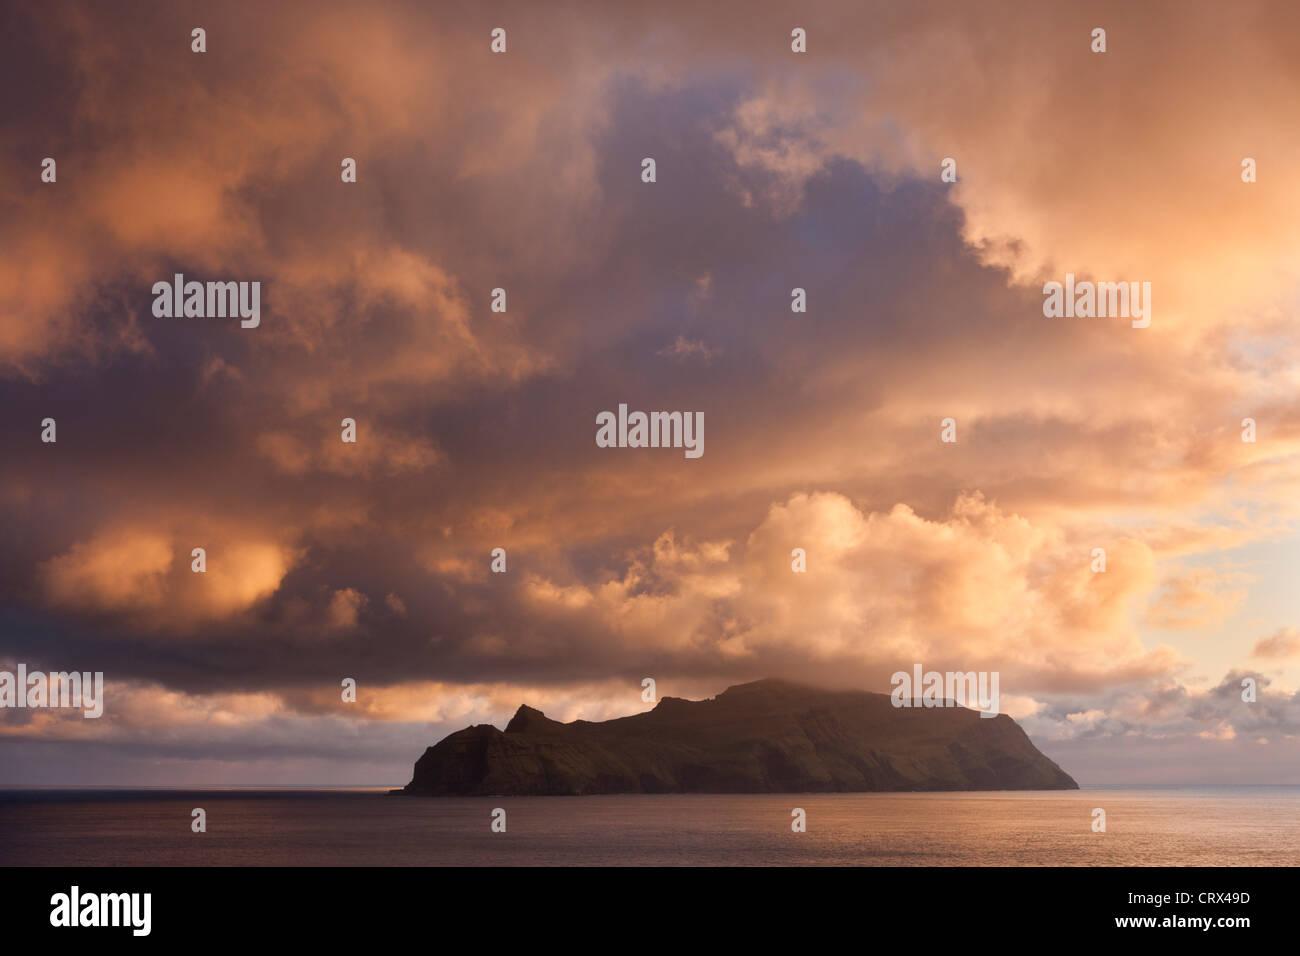 Pôr-do-sol espetacular céus acima da ilha de Mykines, Ilhas Faroé. Mola (Maio) 2012. Imagens de Stock